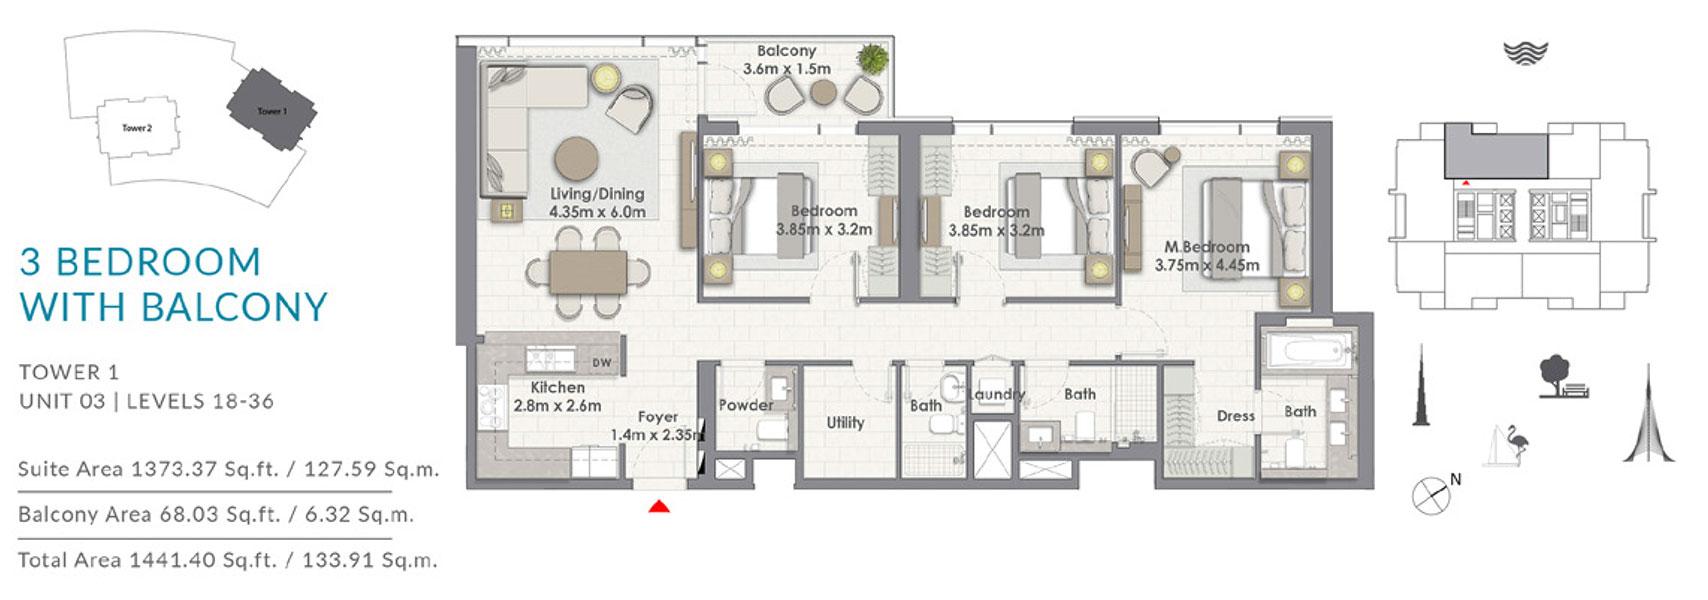 ثلاث غرف نوم مع الشرفة، البرج الأول،   وحدة 3 ، المستوى 18-36